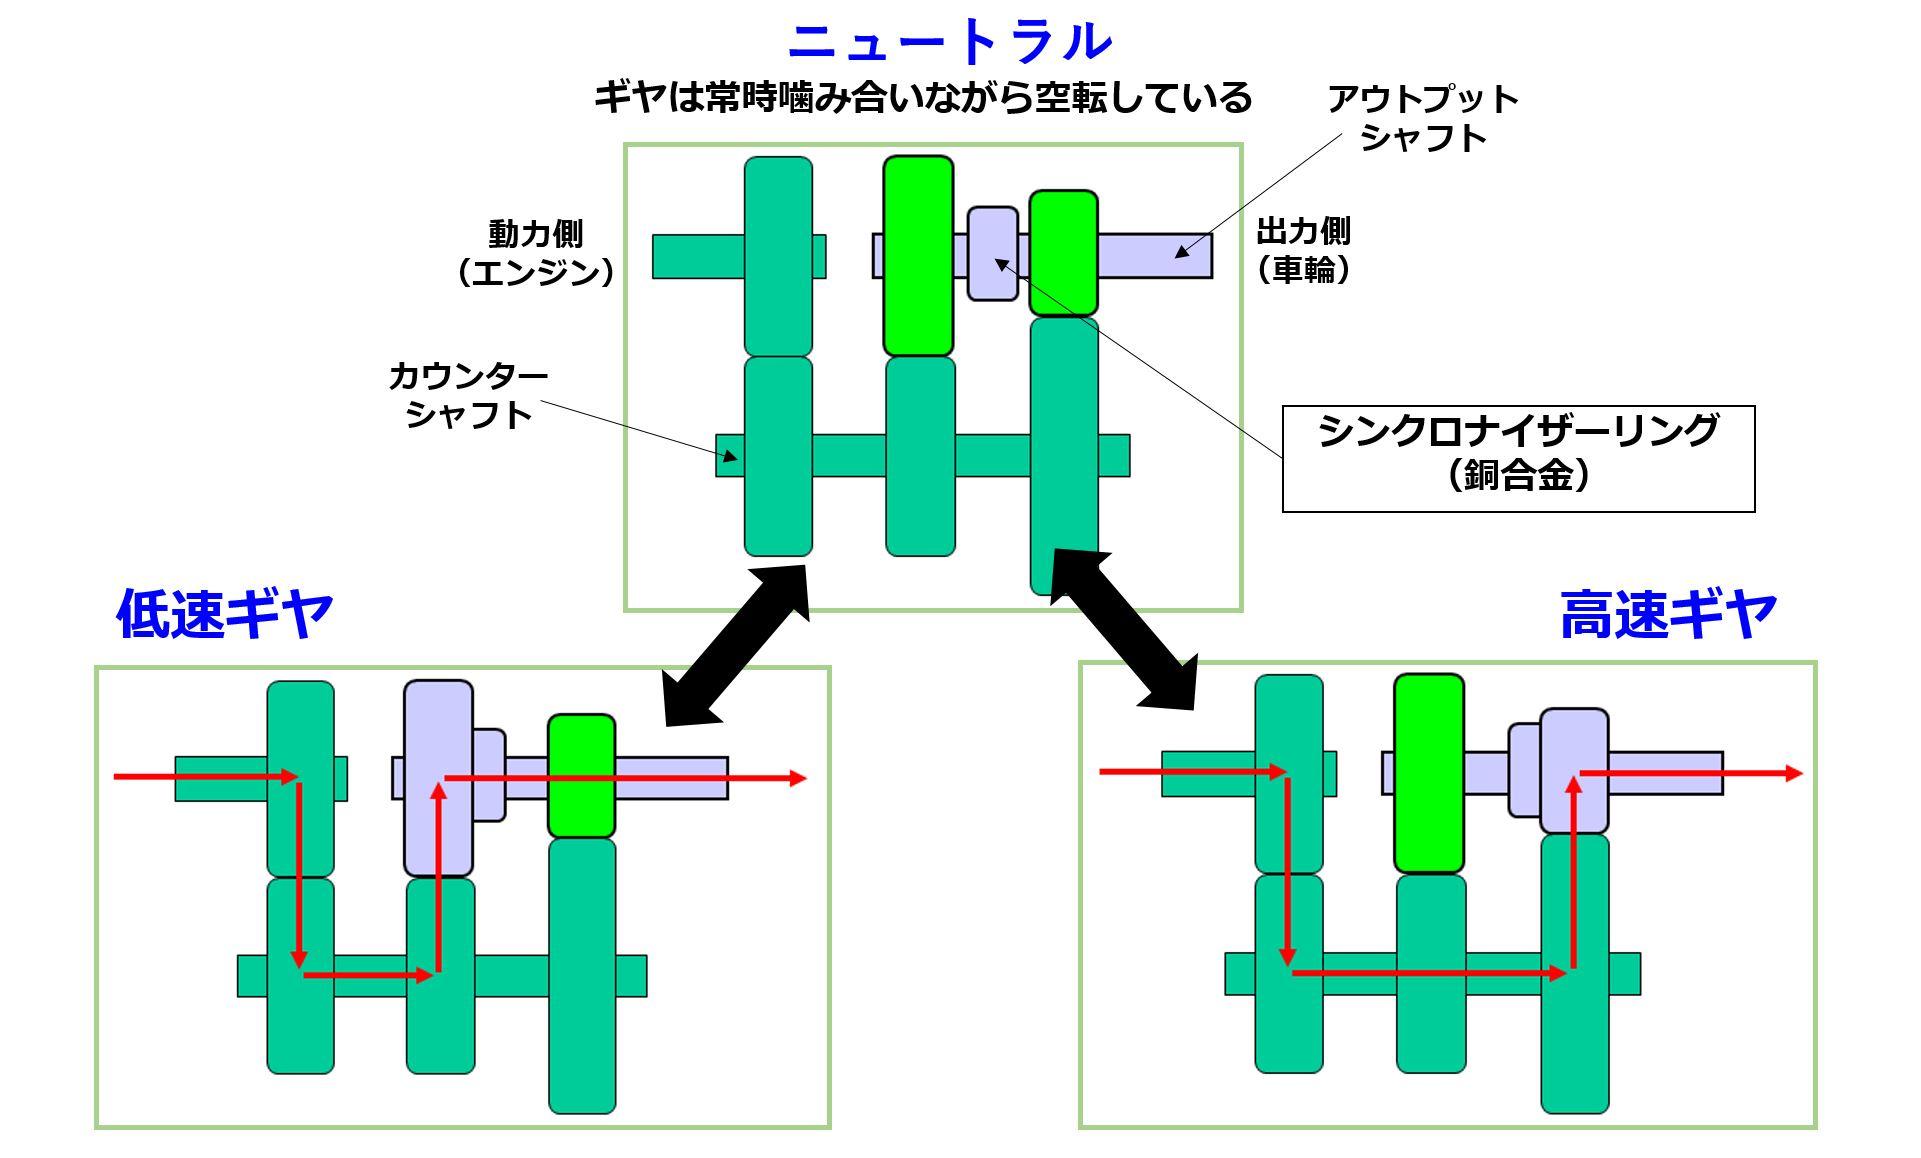 ミッションでの動力伝達を示したイメージ図